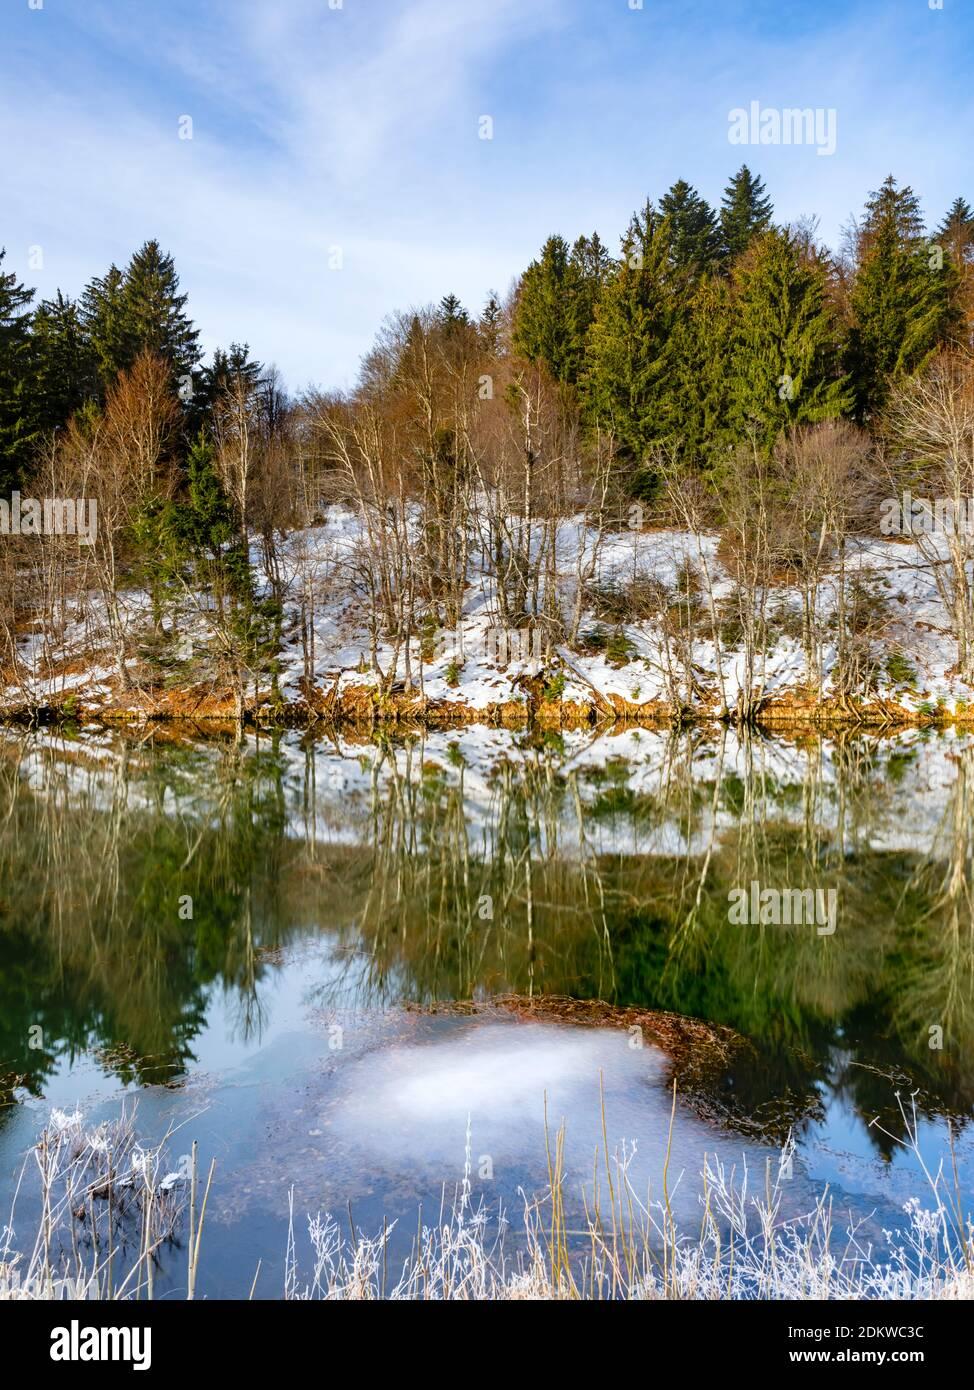 Dejar la mañana en el lago Mrzla vodica en el condado de Gorski Kotar En Croacia Europa parche de hielo hielo superficie de agua es aún visible Foto de stock